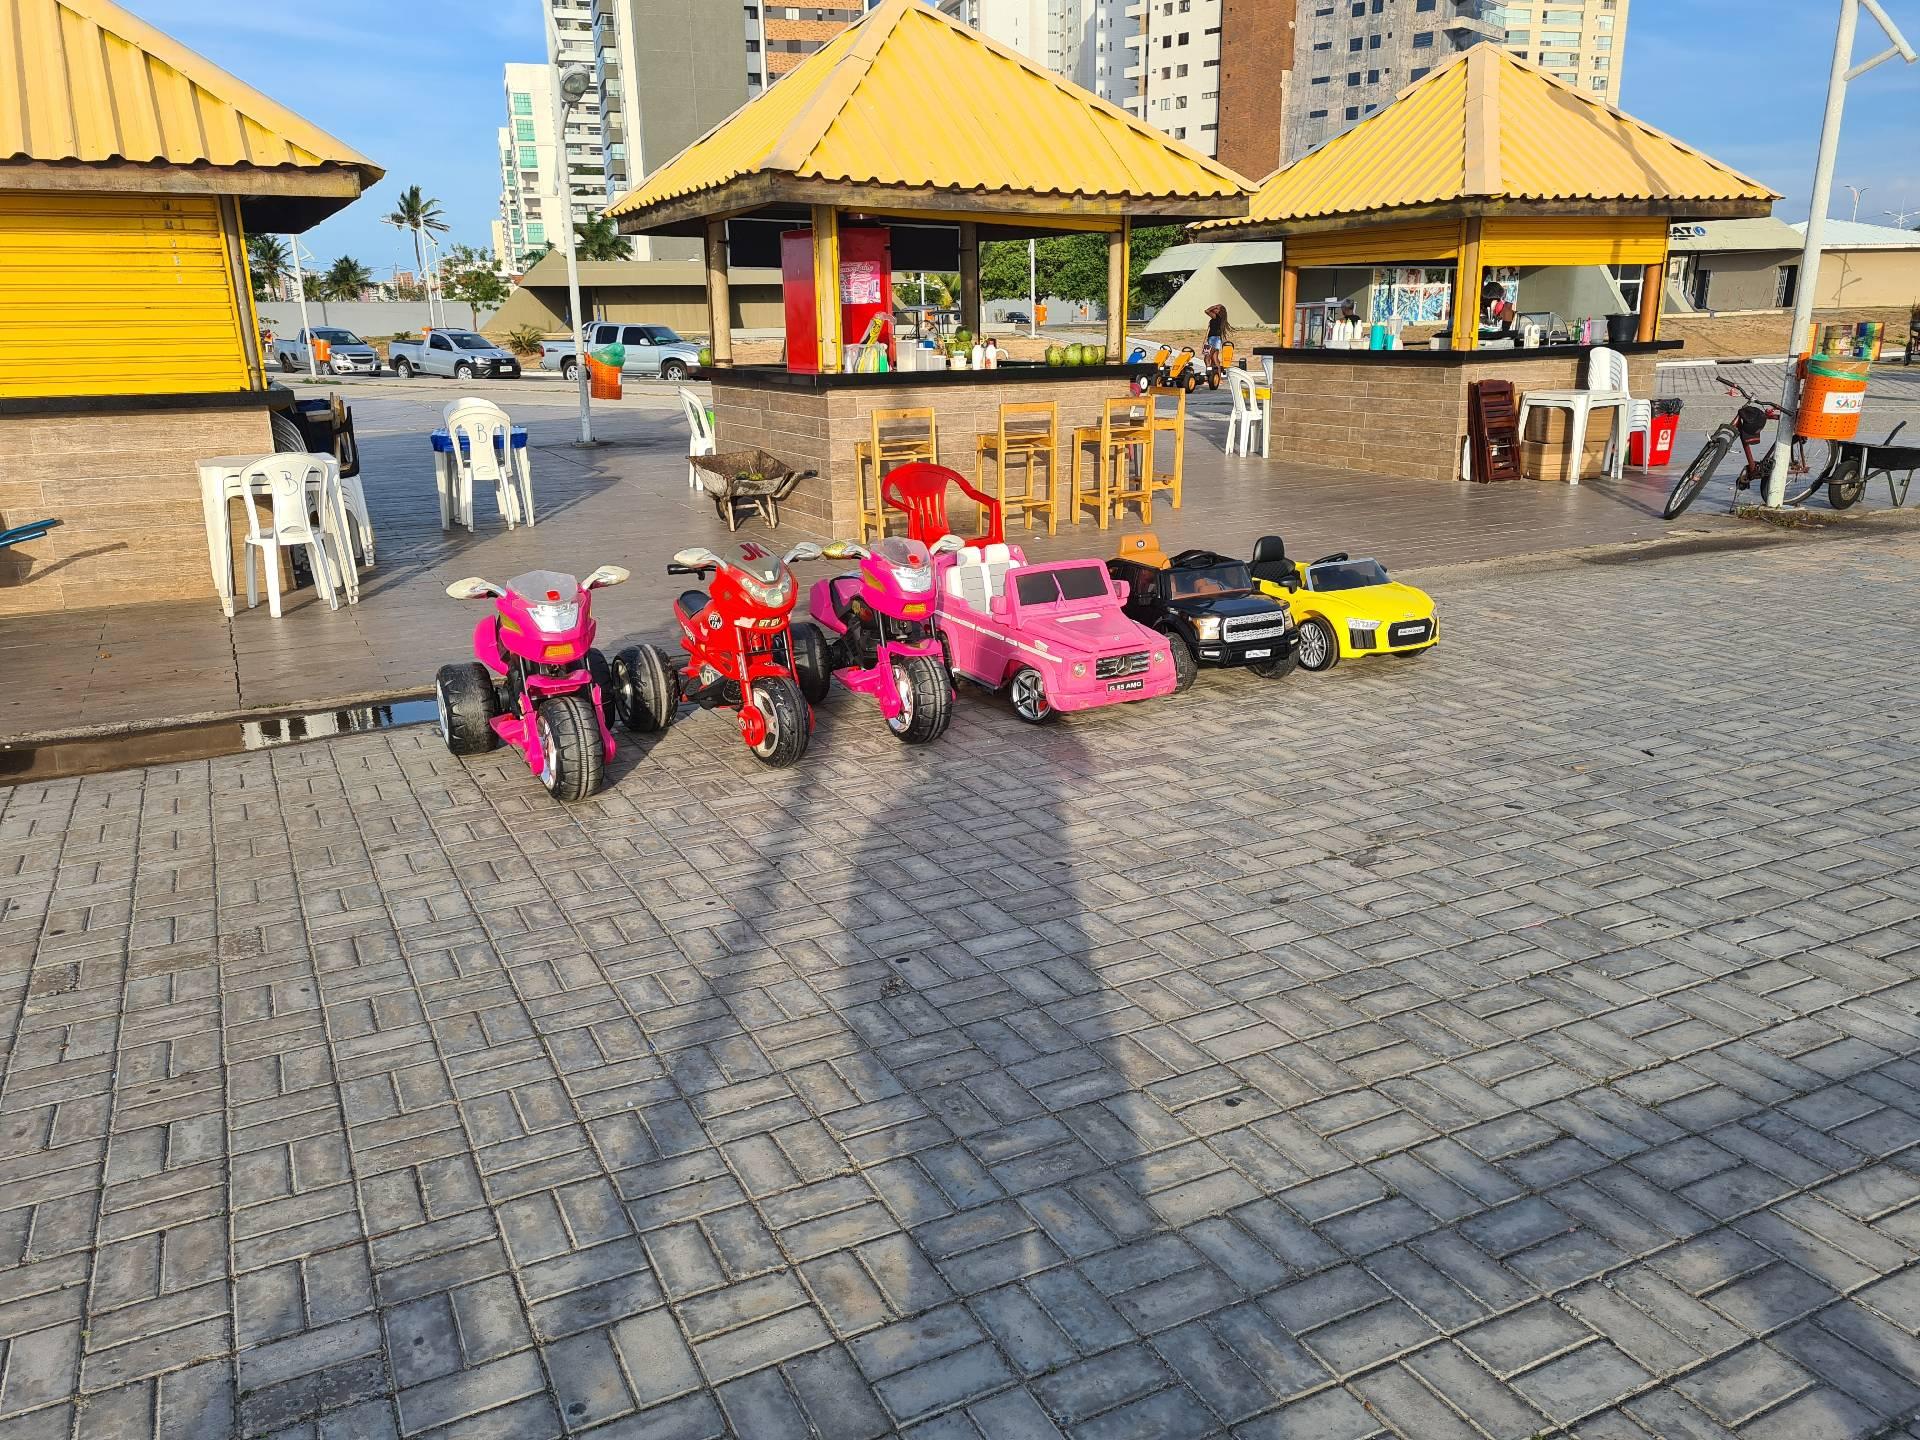 игрушечные машинки с мотором в Бразилии